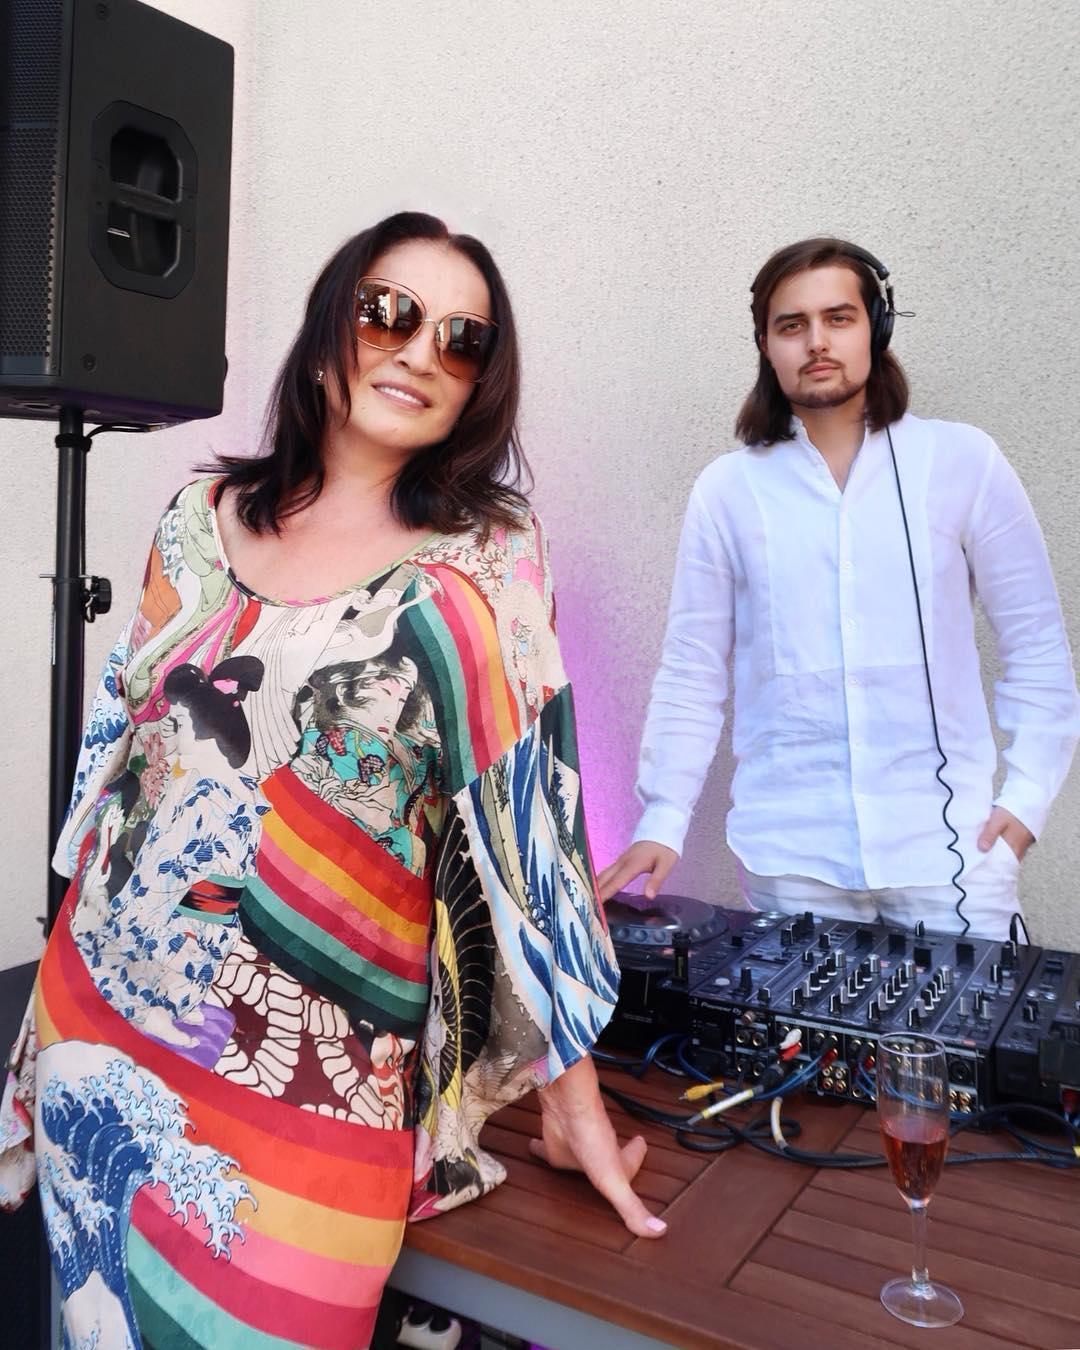 Руководитель  Софии Ротару разъяснил , почему эстрадная певица  отказалась выйти замуж после смерти супруга